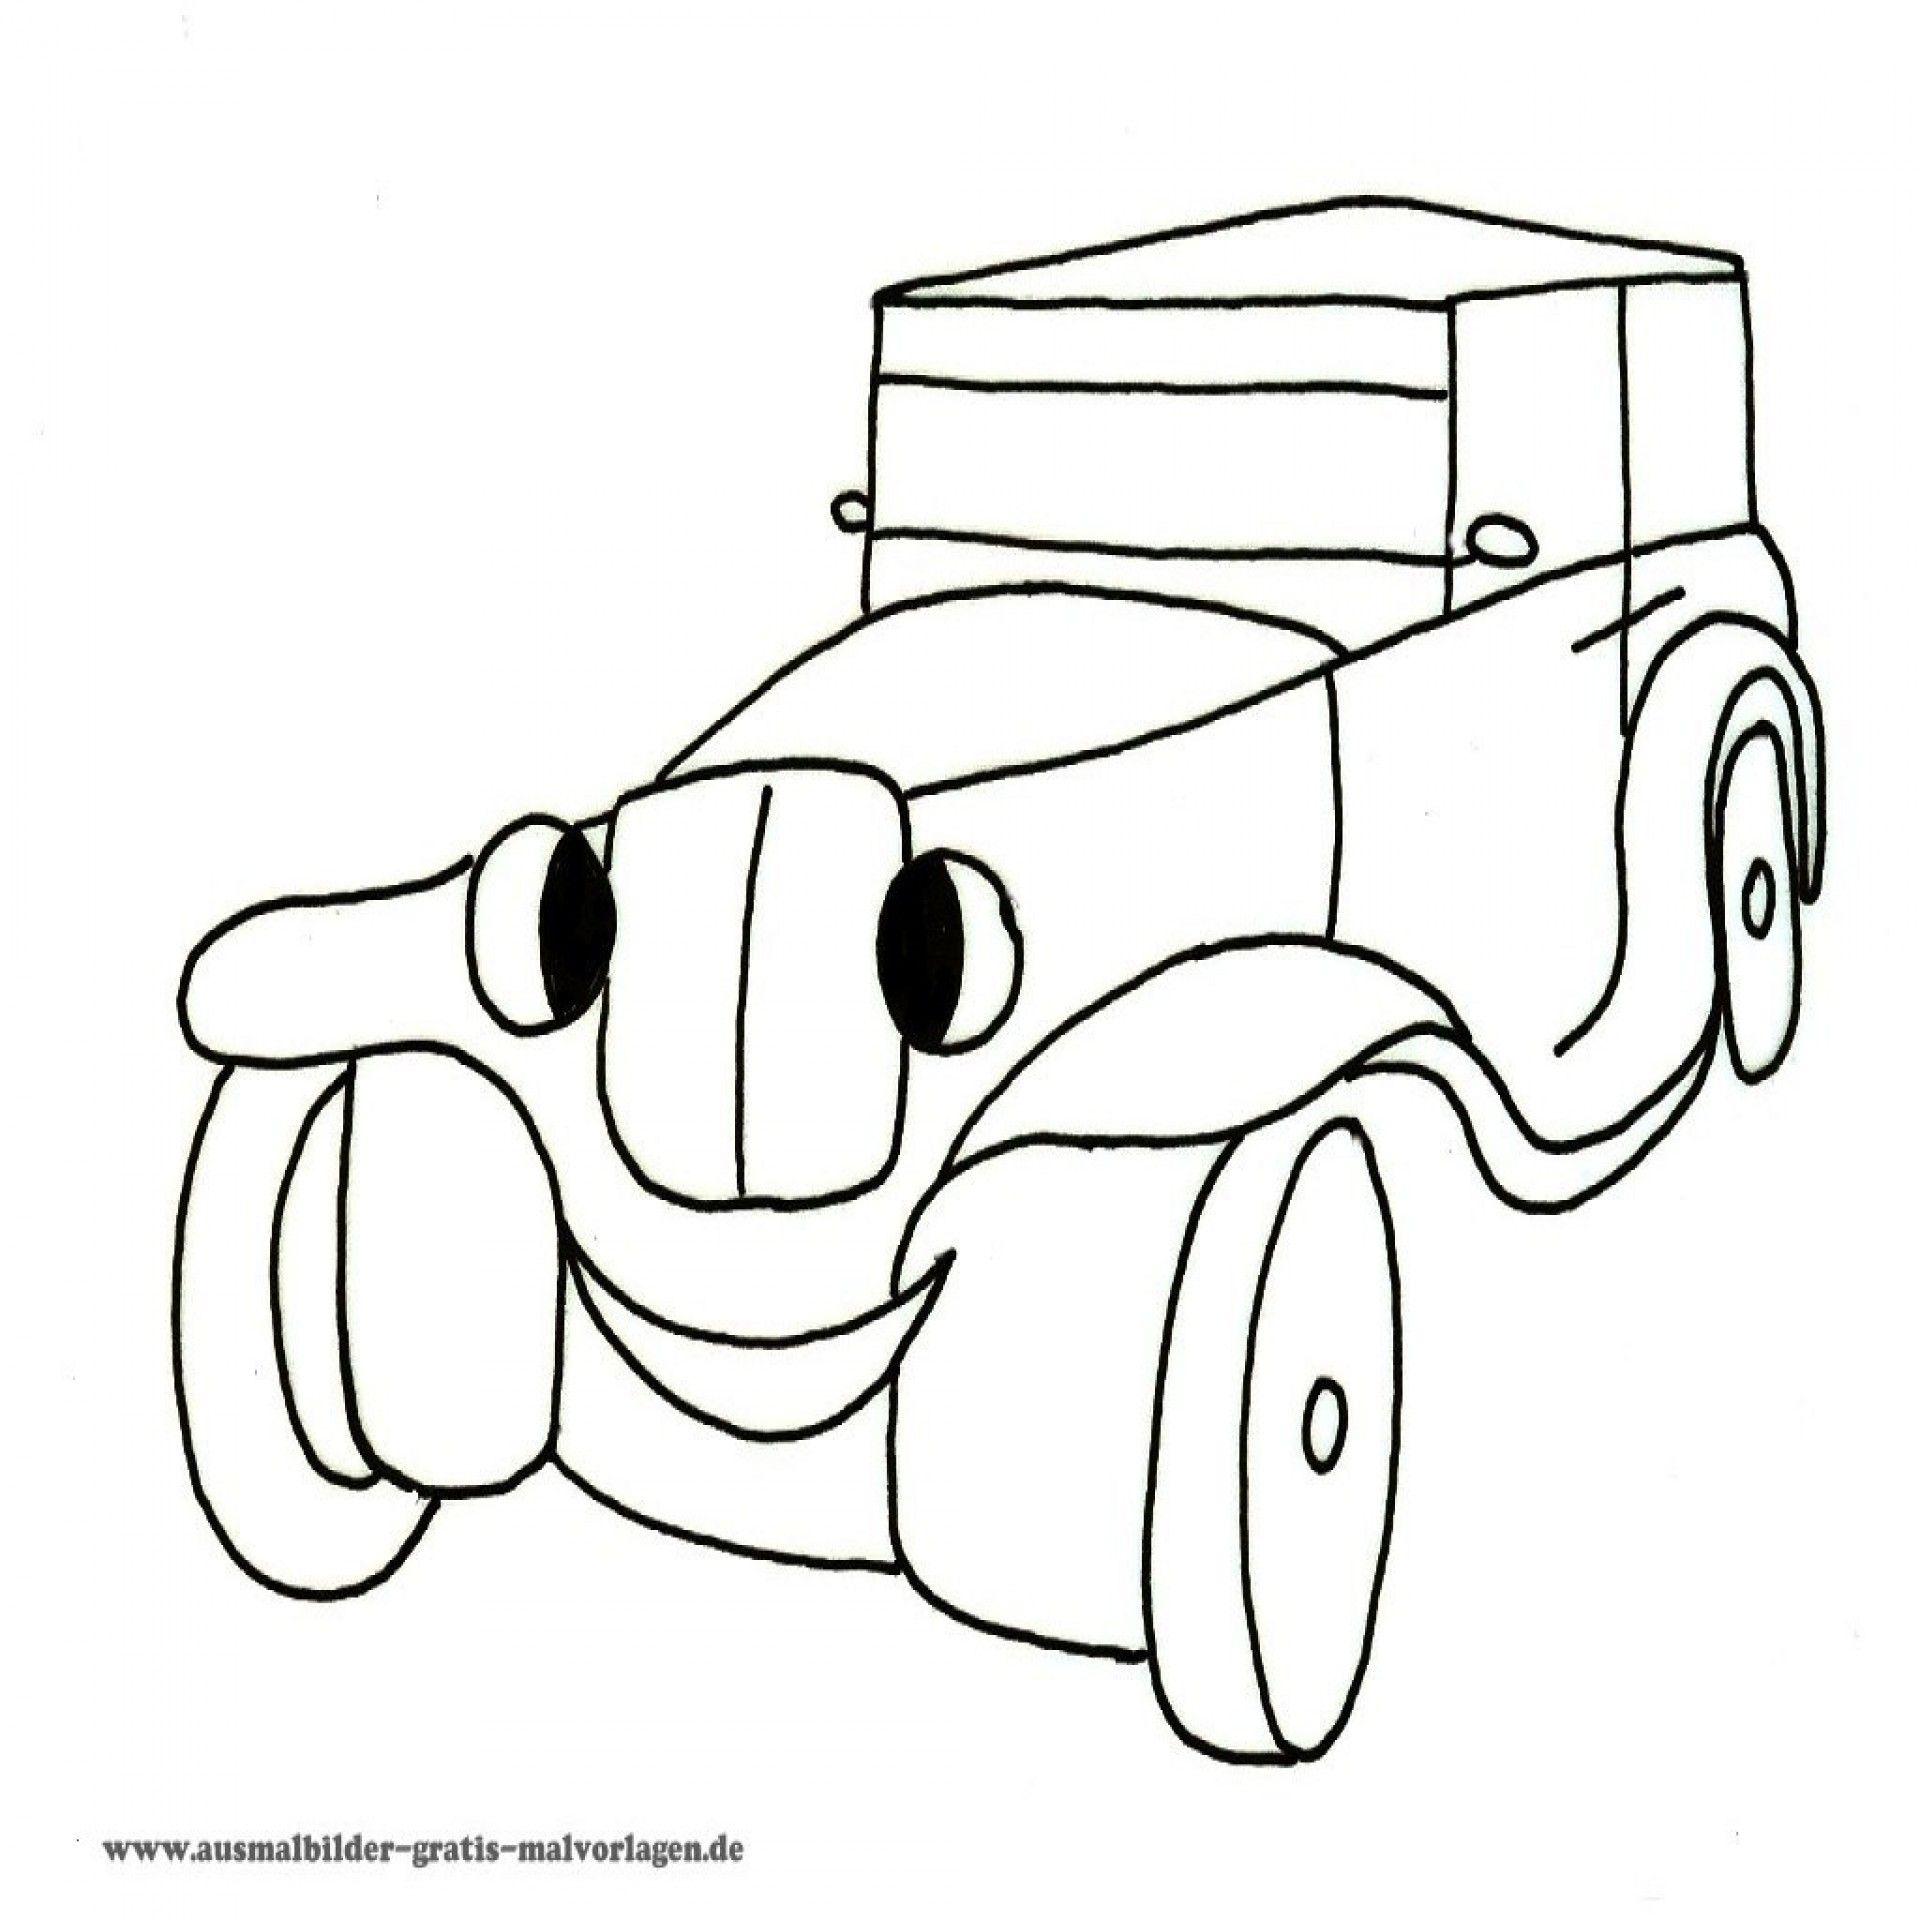 10 Gut Malvorlage Feuerwehrauto Gedanke 2020 Malvorlage